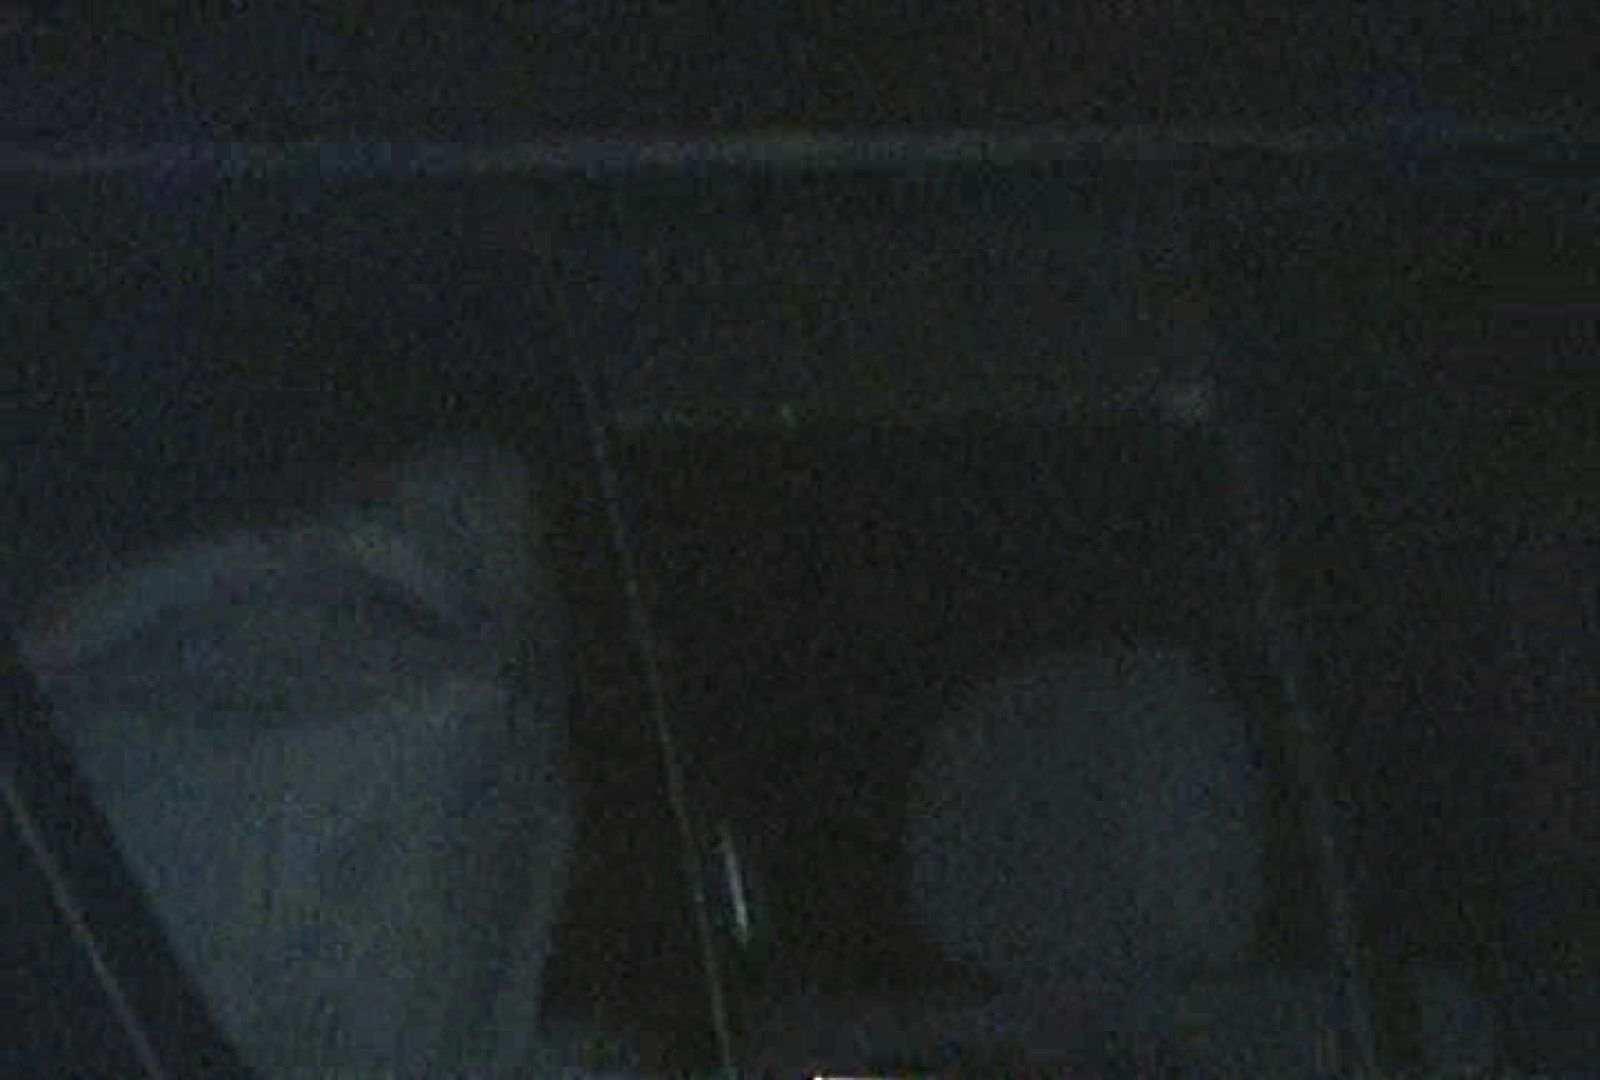 充血監督の深夜の運動会Vol.62 カーセックス | エロティックなOL  77画像 13